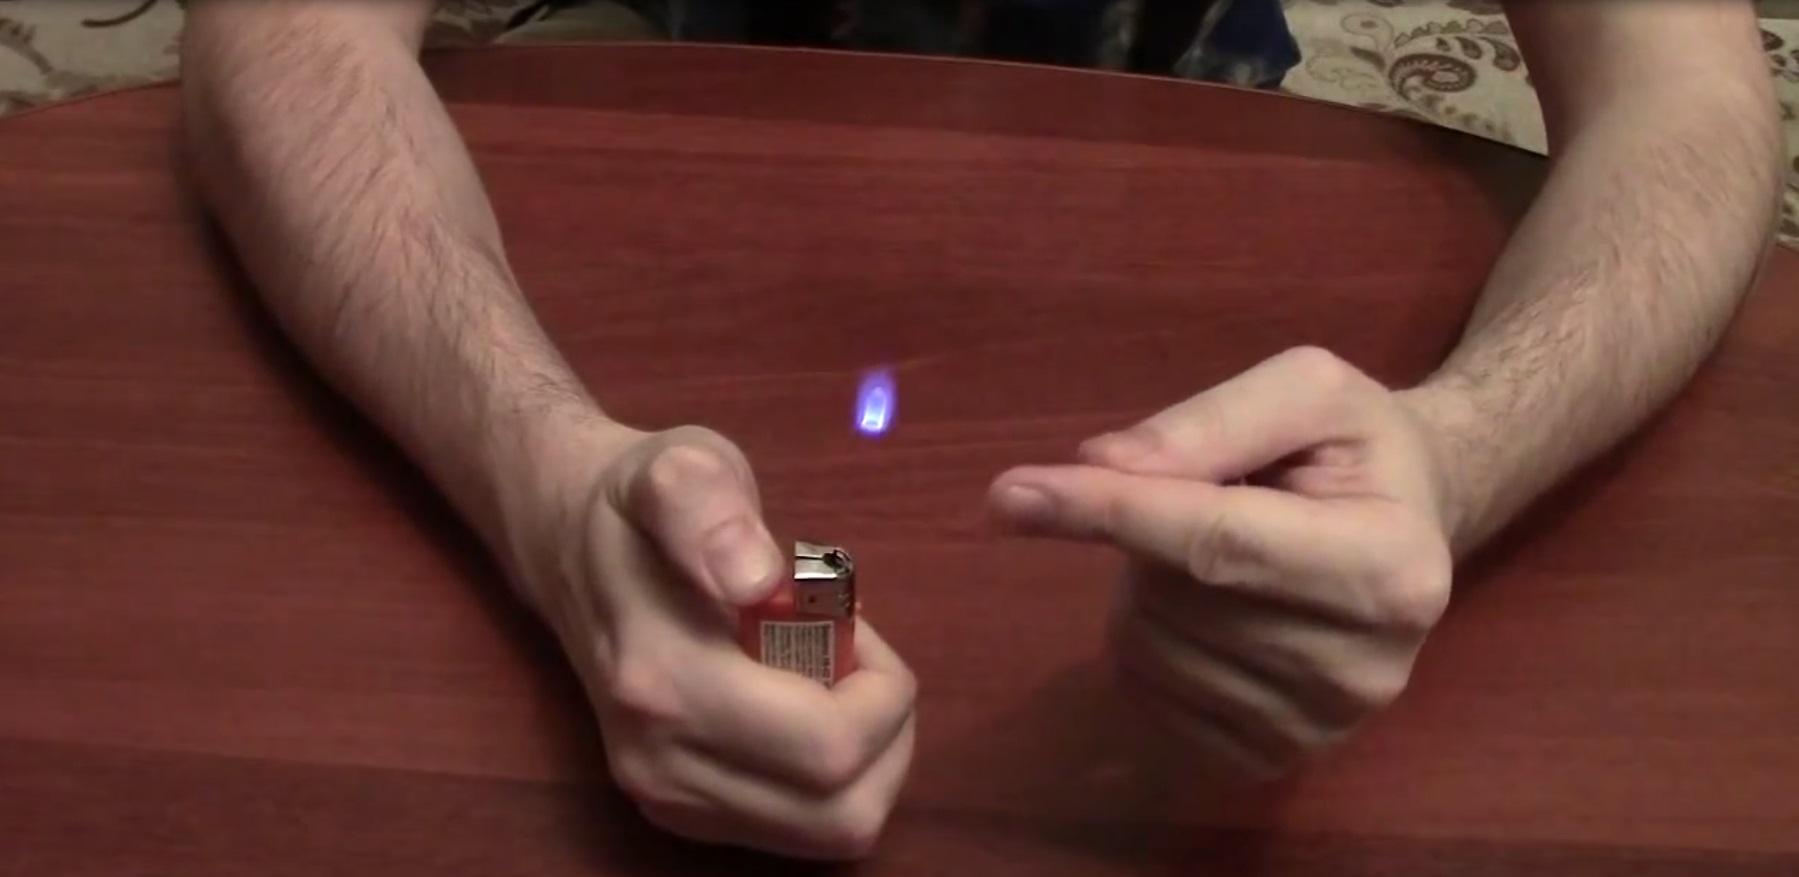 Крутой фокус с летающим огнем (3.262 MB)